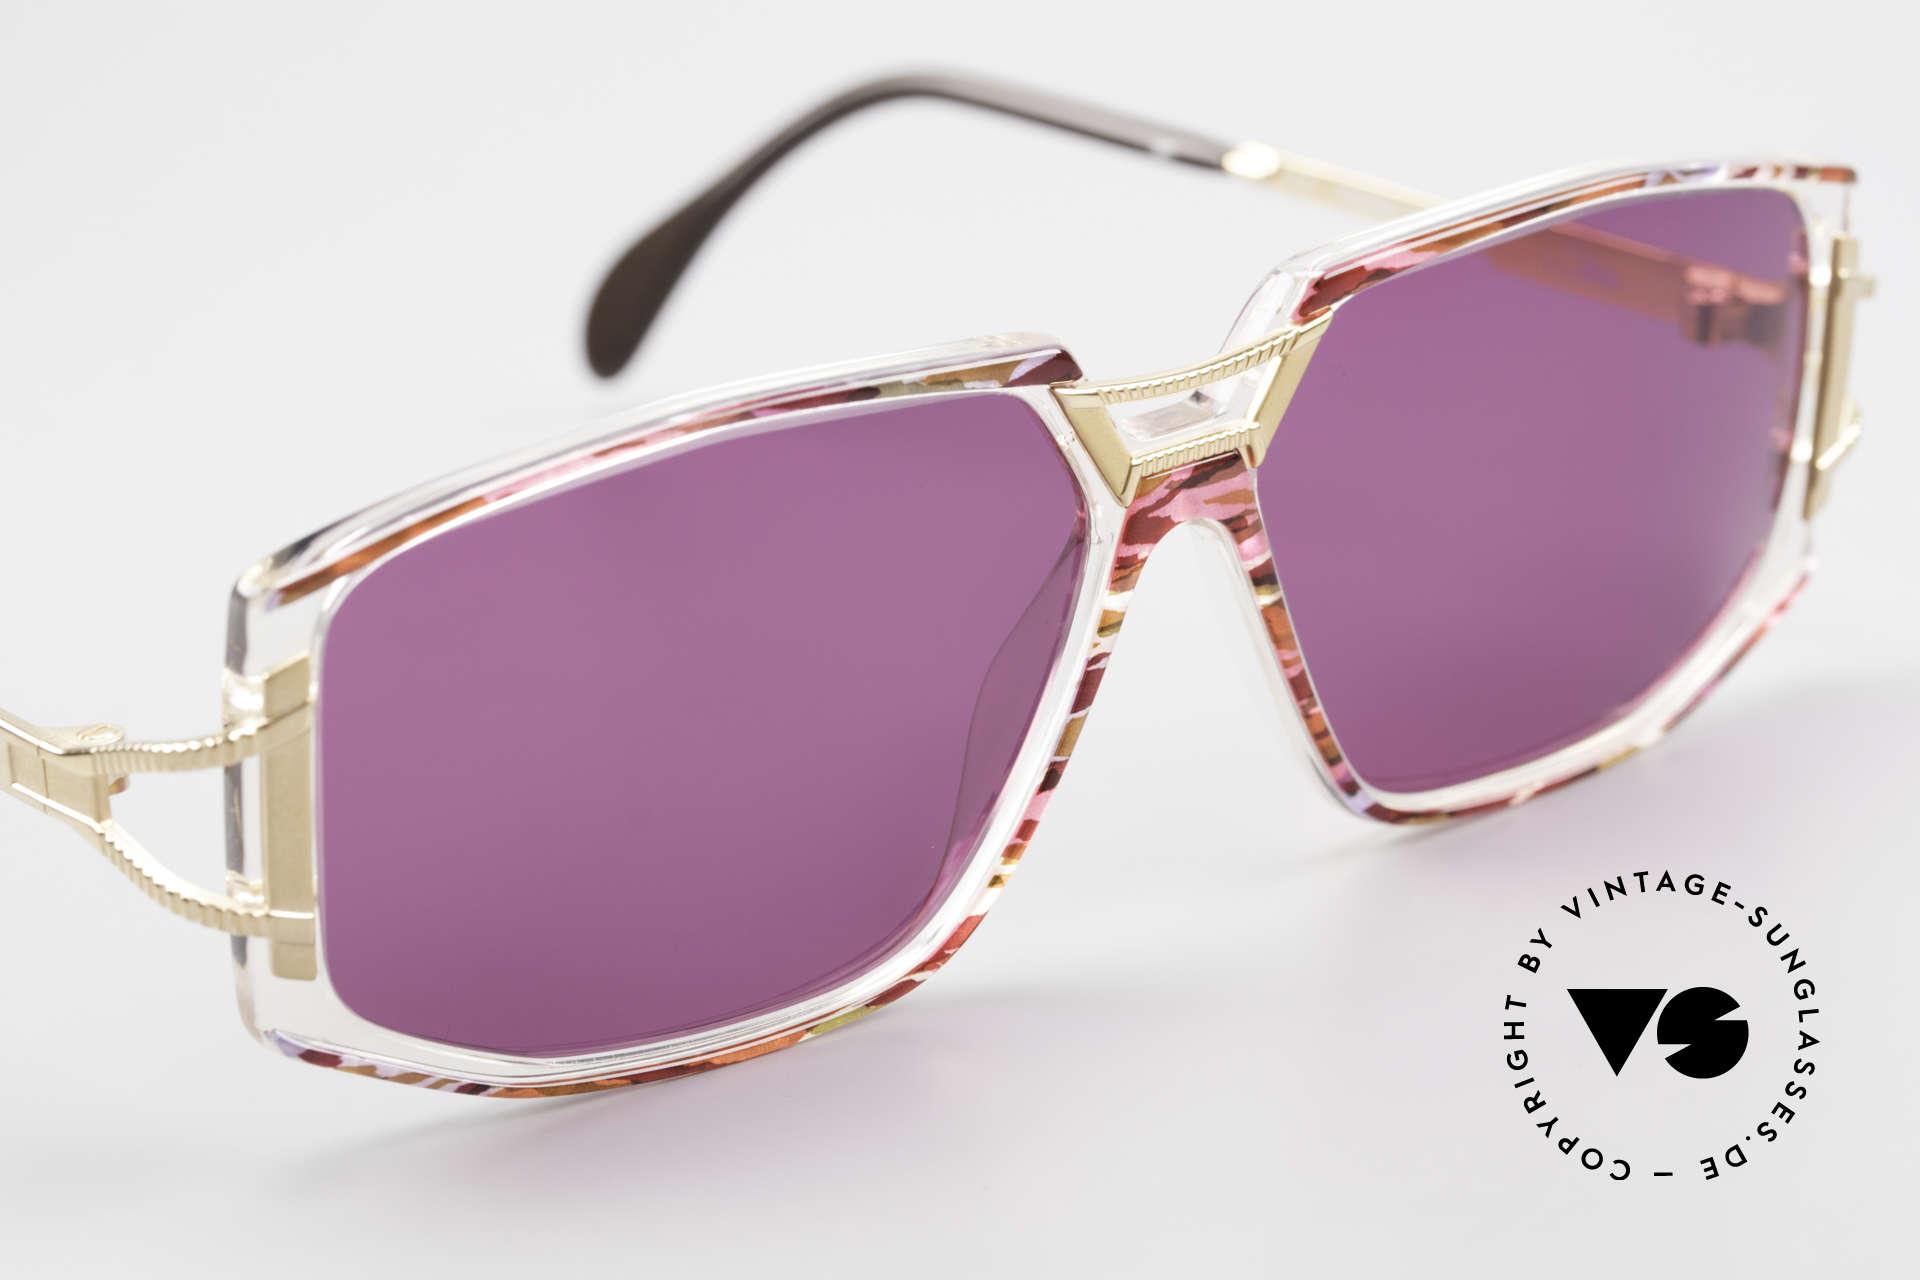 Cazal 362 90er Sonnenbrille Damen Cazal, ungetragen (wie alle unsere vintage Cazal Brillen), Passend für Damen